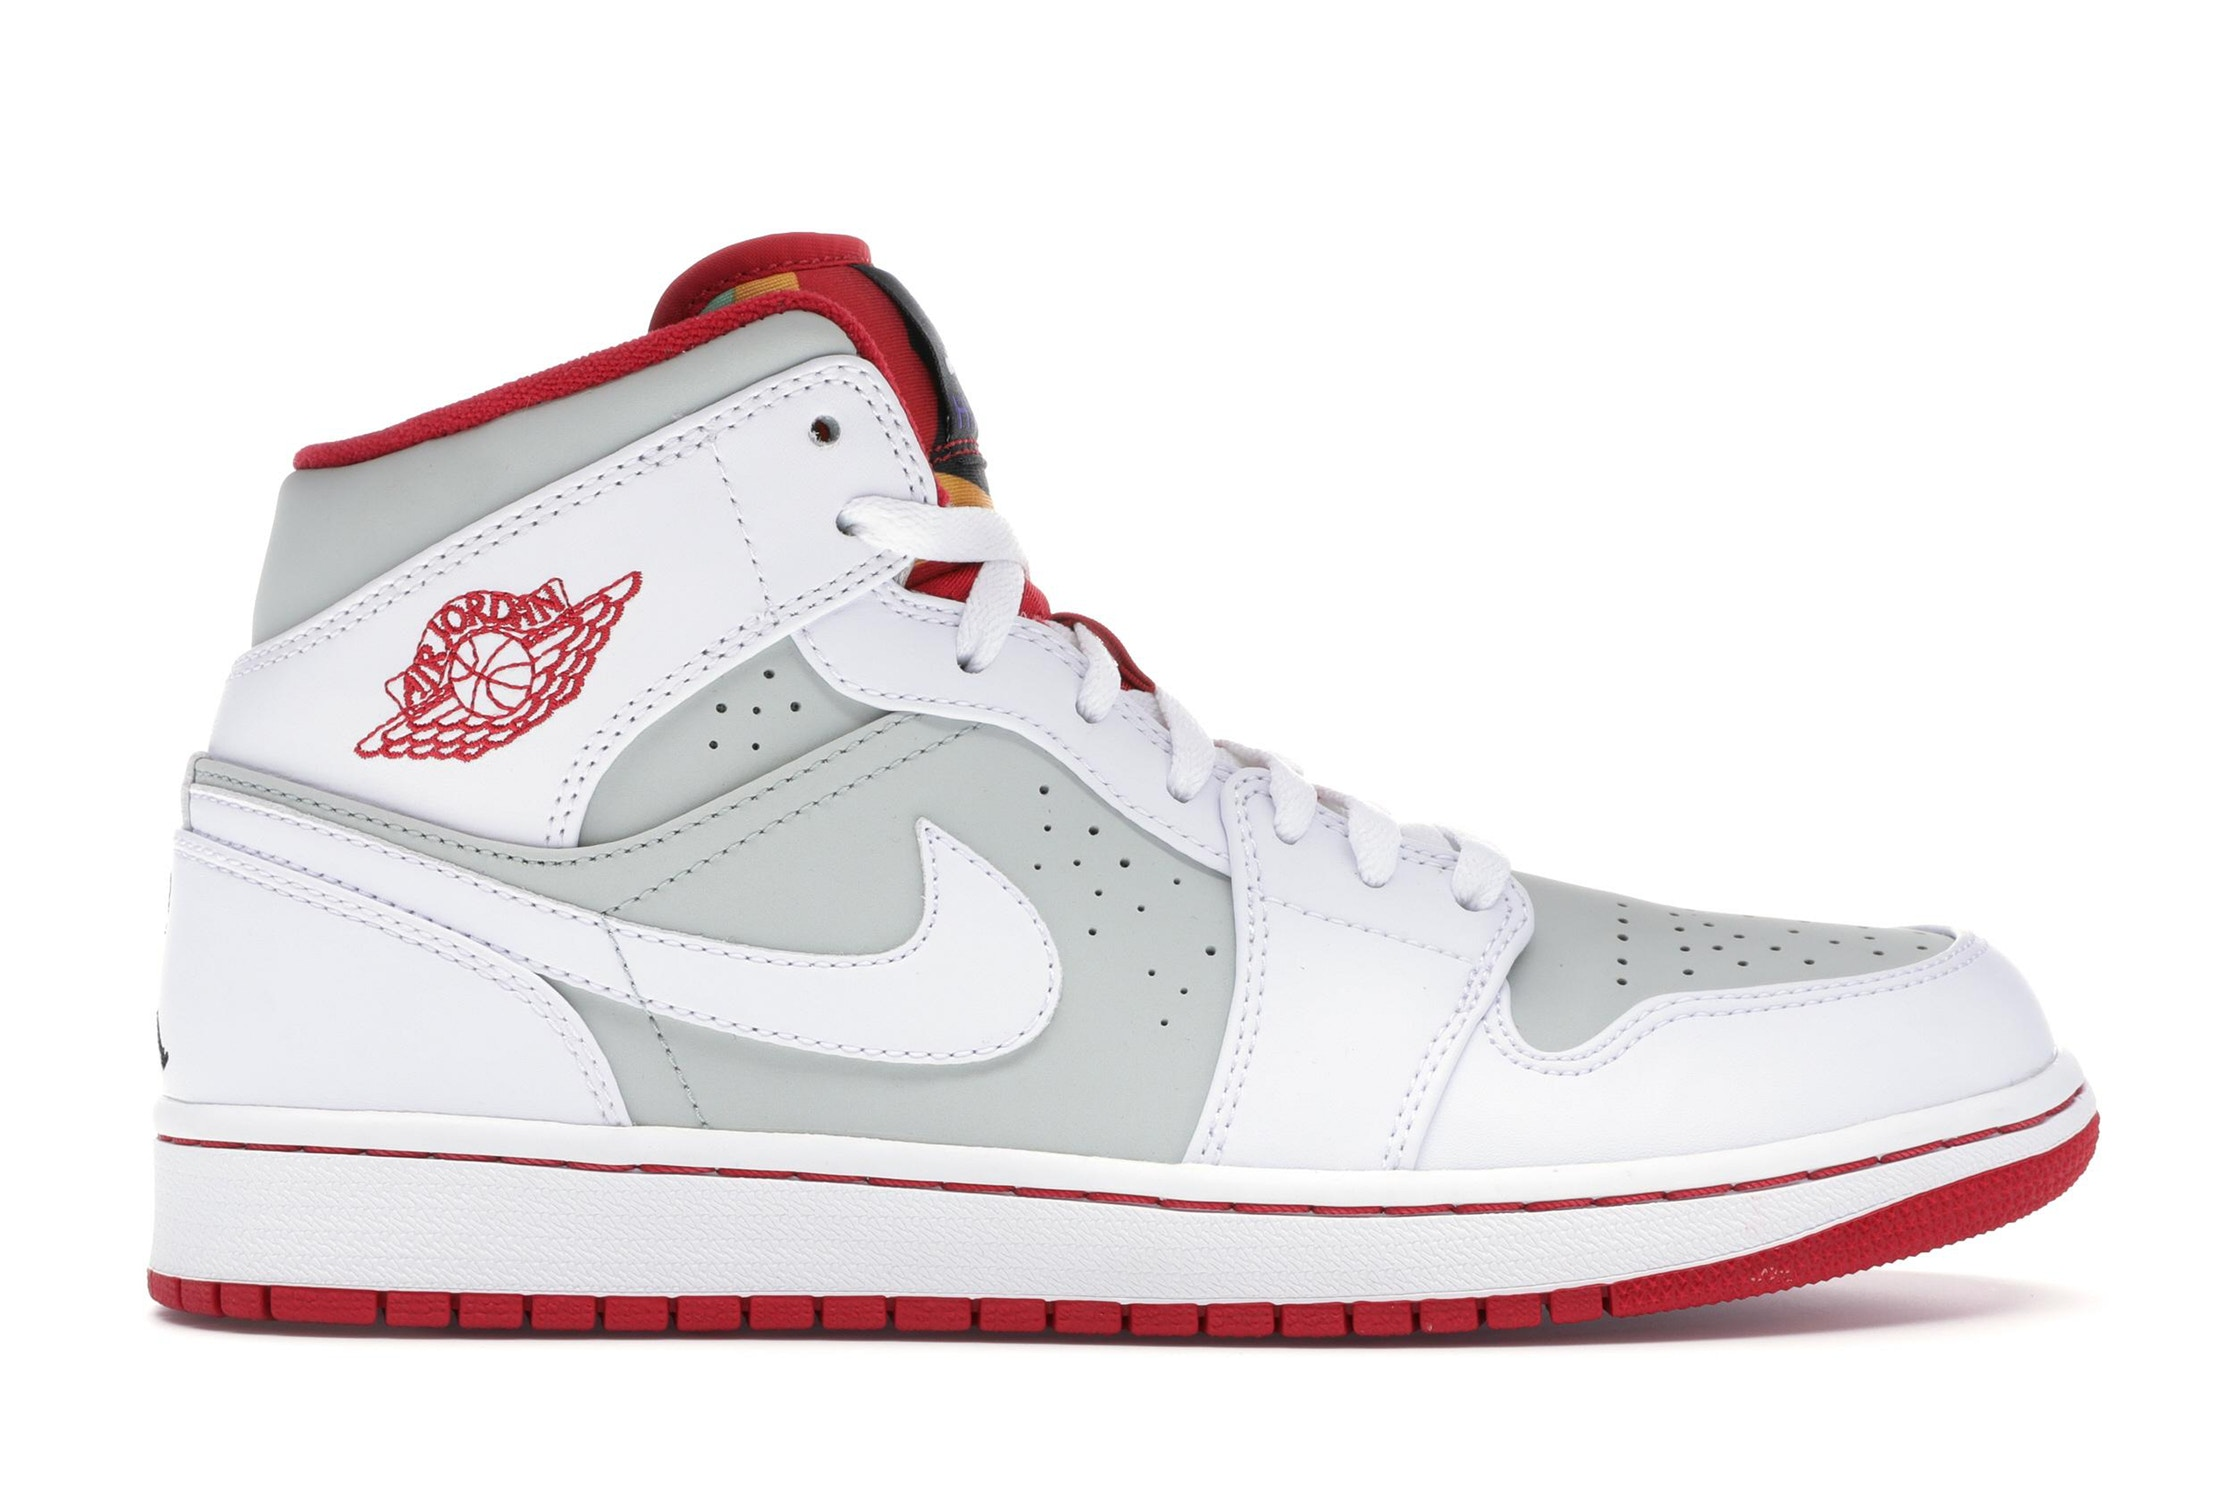 Jordan 1 Retro Hare Jordan (2015